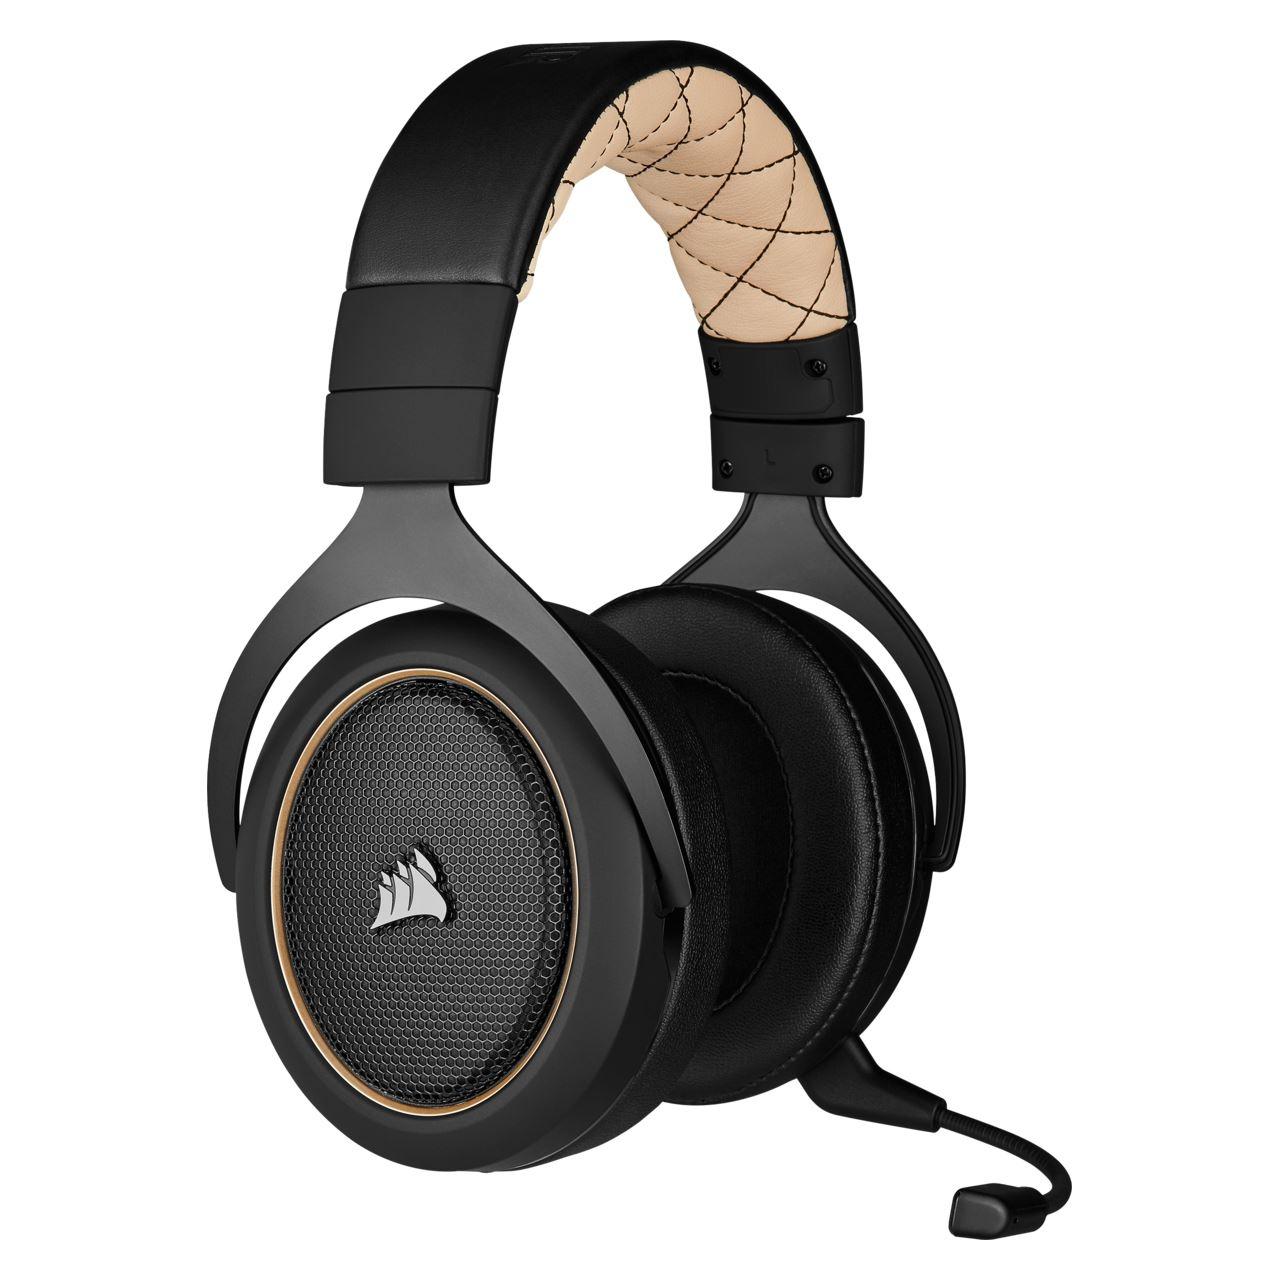 Corsair HS70 Pro Wireless Gaming Headset Schwarz Beige Sound Gaming